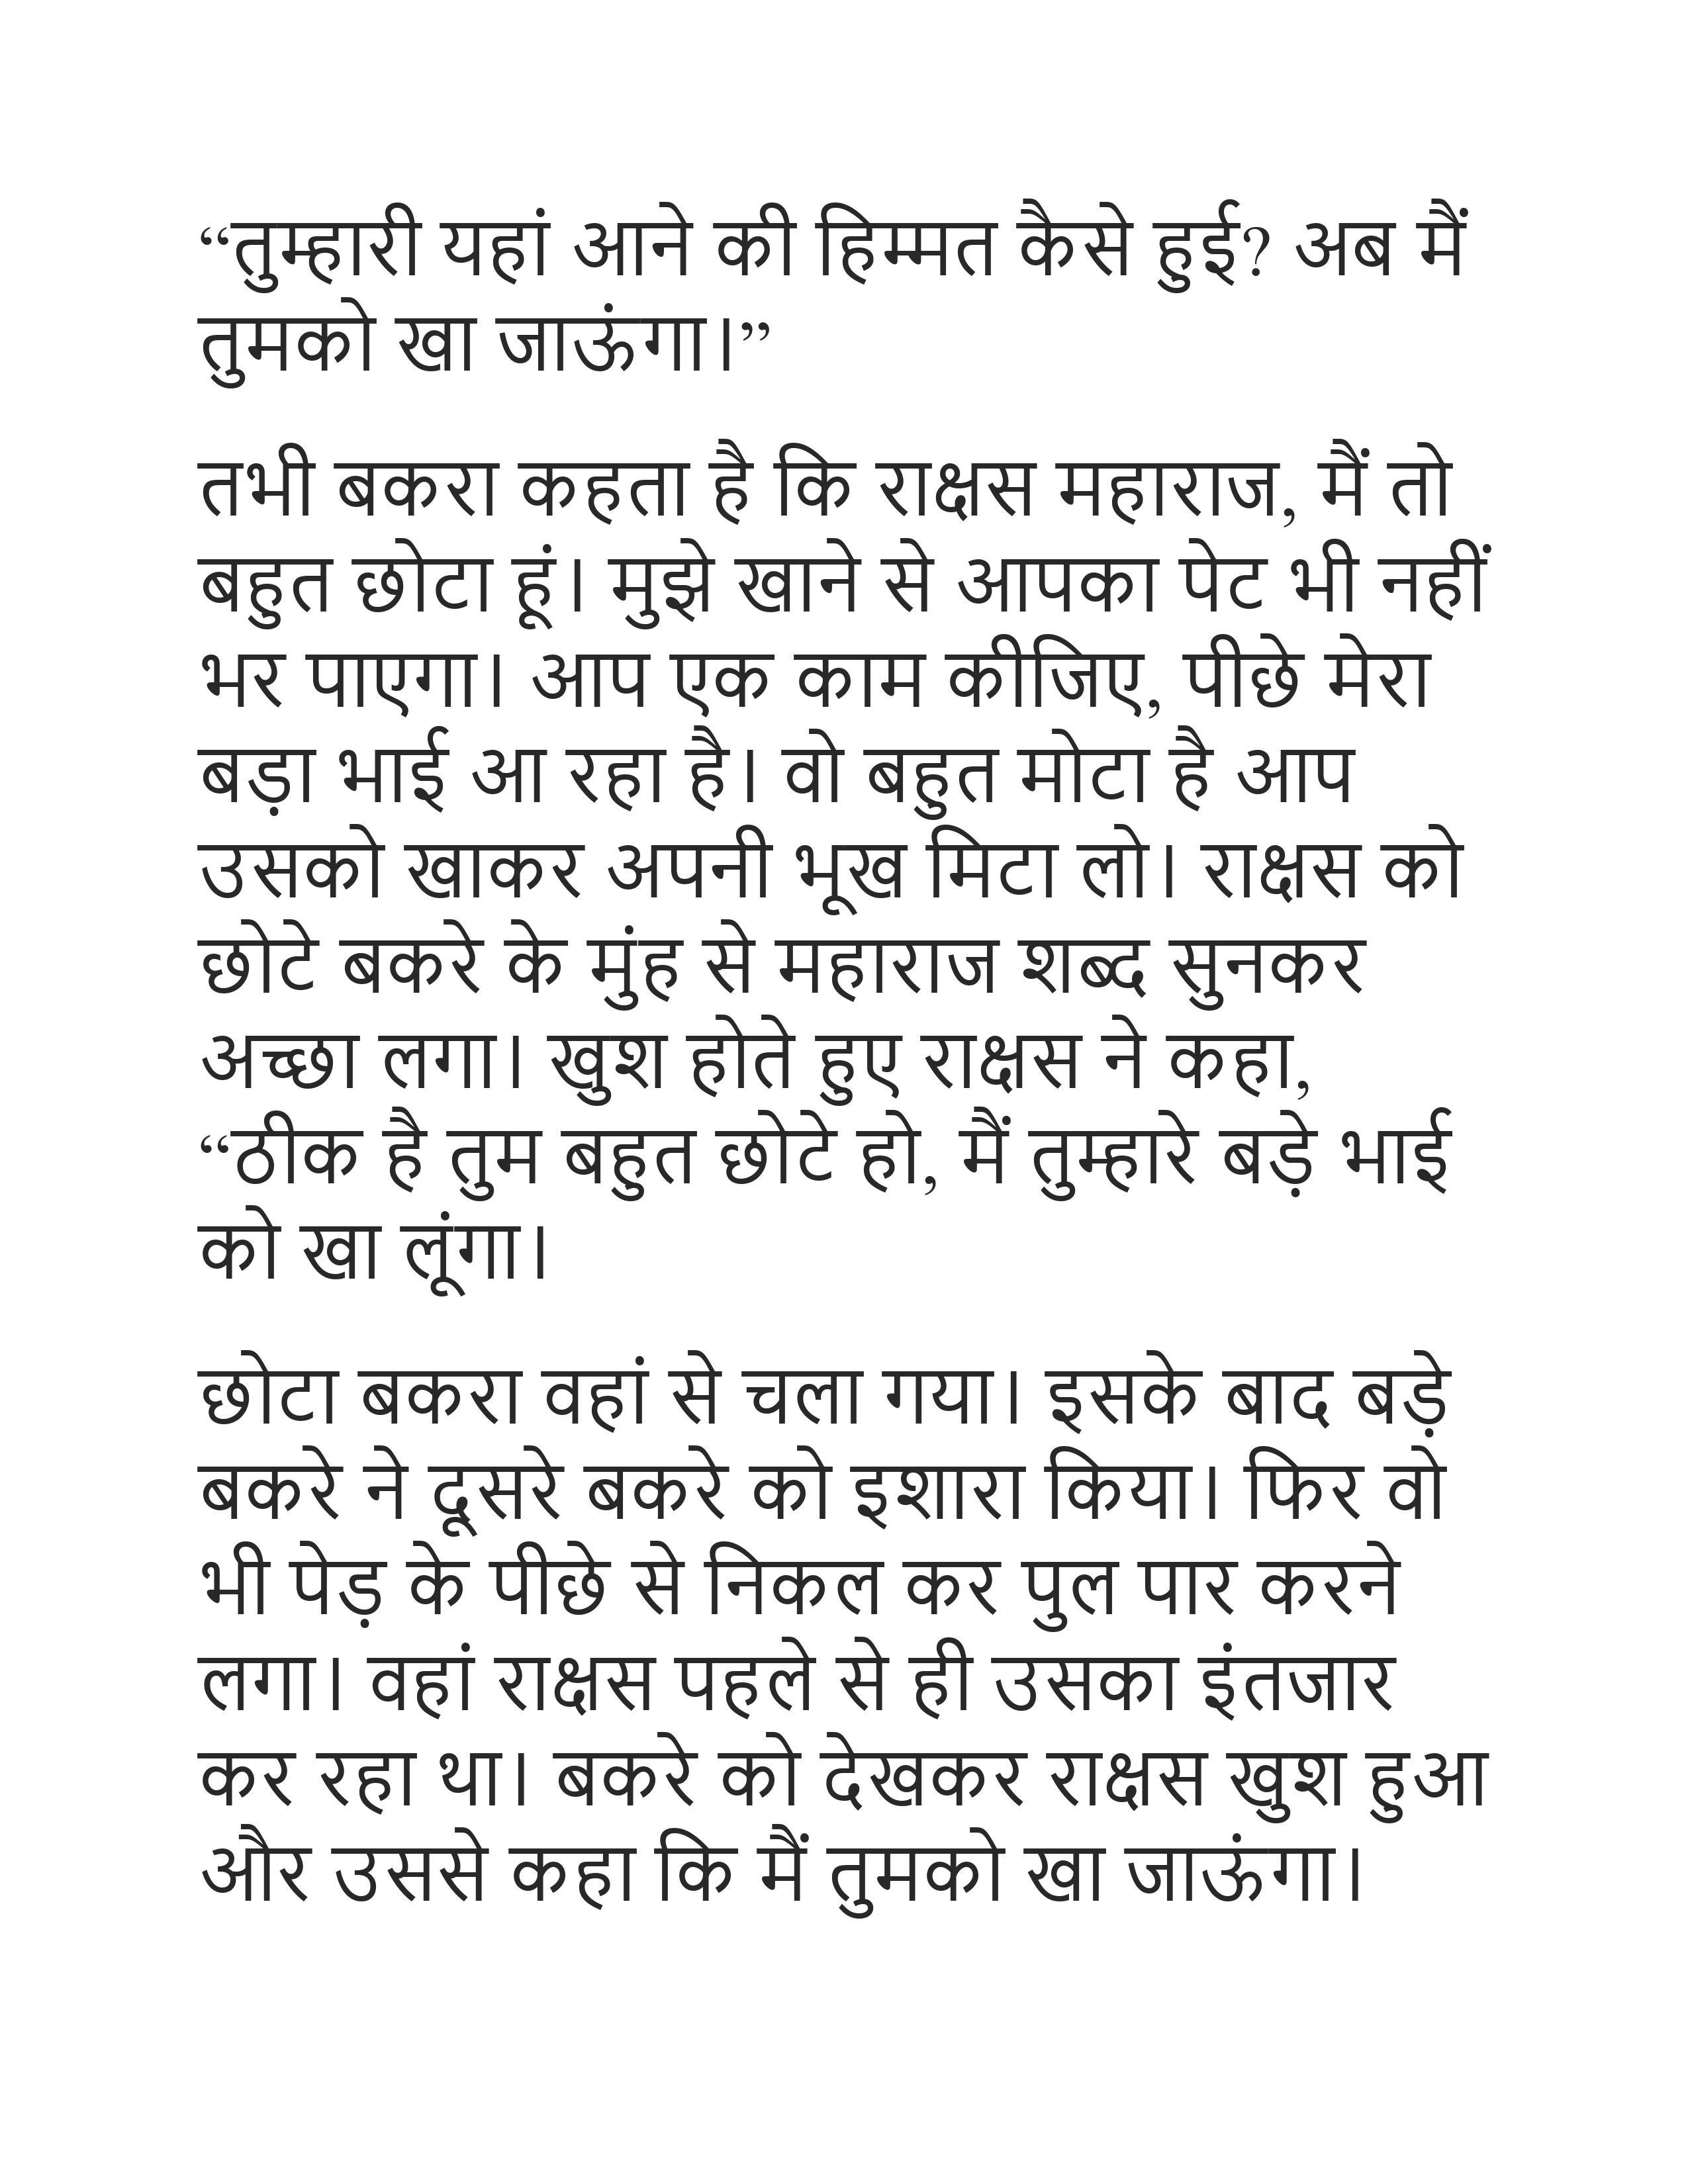 Fairy tales hindi pariyon ki kahaniya 12